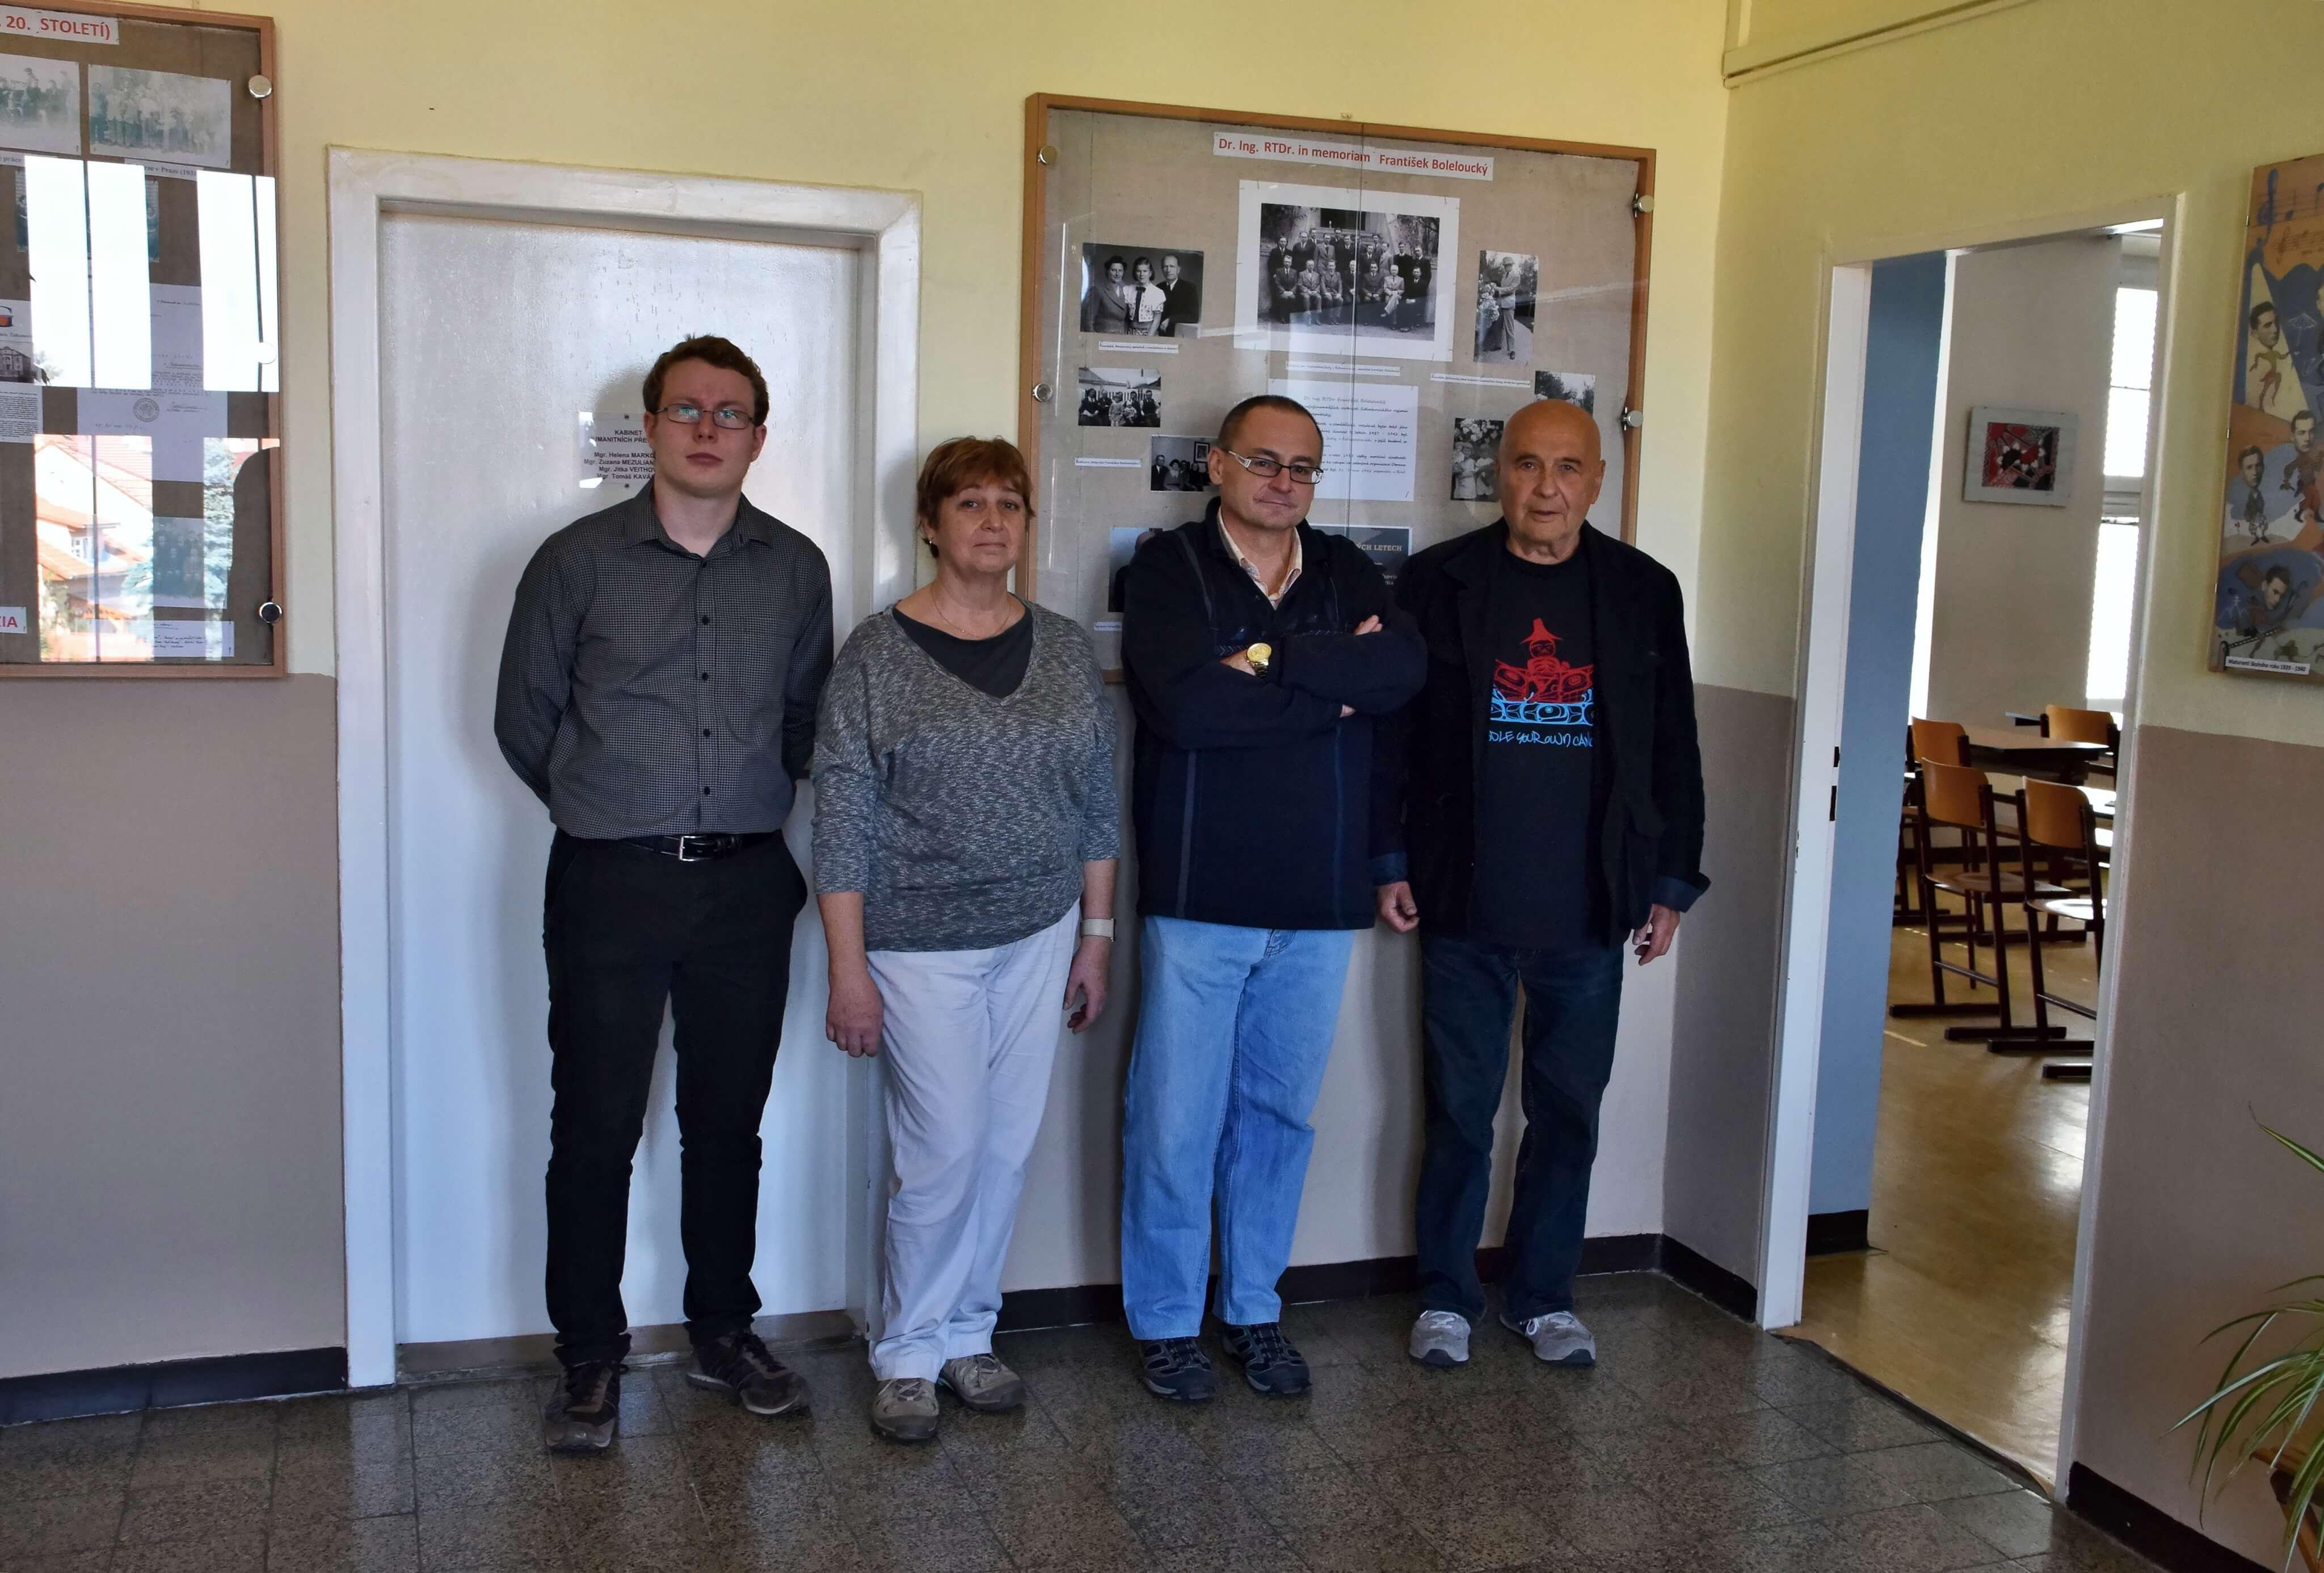 Zde jsme na fotografii s ředitelem gymnázia RNDr. Jiřím Kubešem (druhý zprava), první zprava je doc. MUDr. Zdeněk Boleloucký, CSc., druhá zleva je Mgr. Danuše Švarzbergerová a zcela vlevo já, Jan Hroudný.